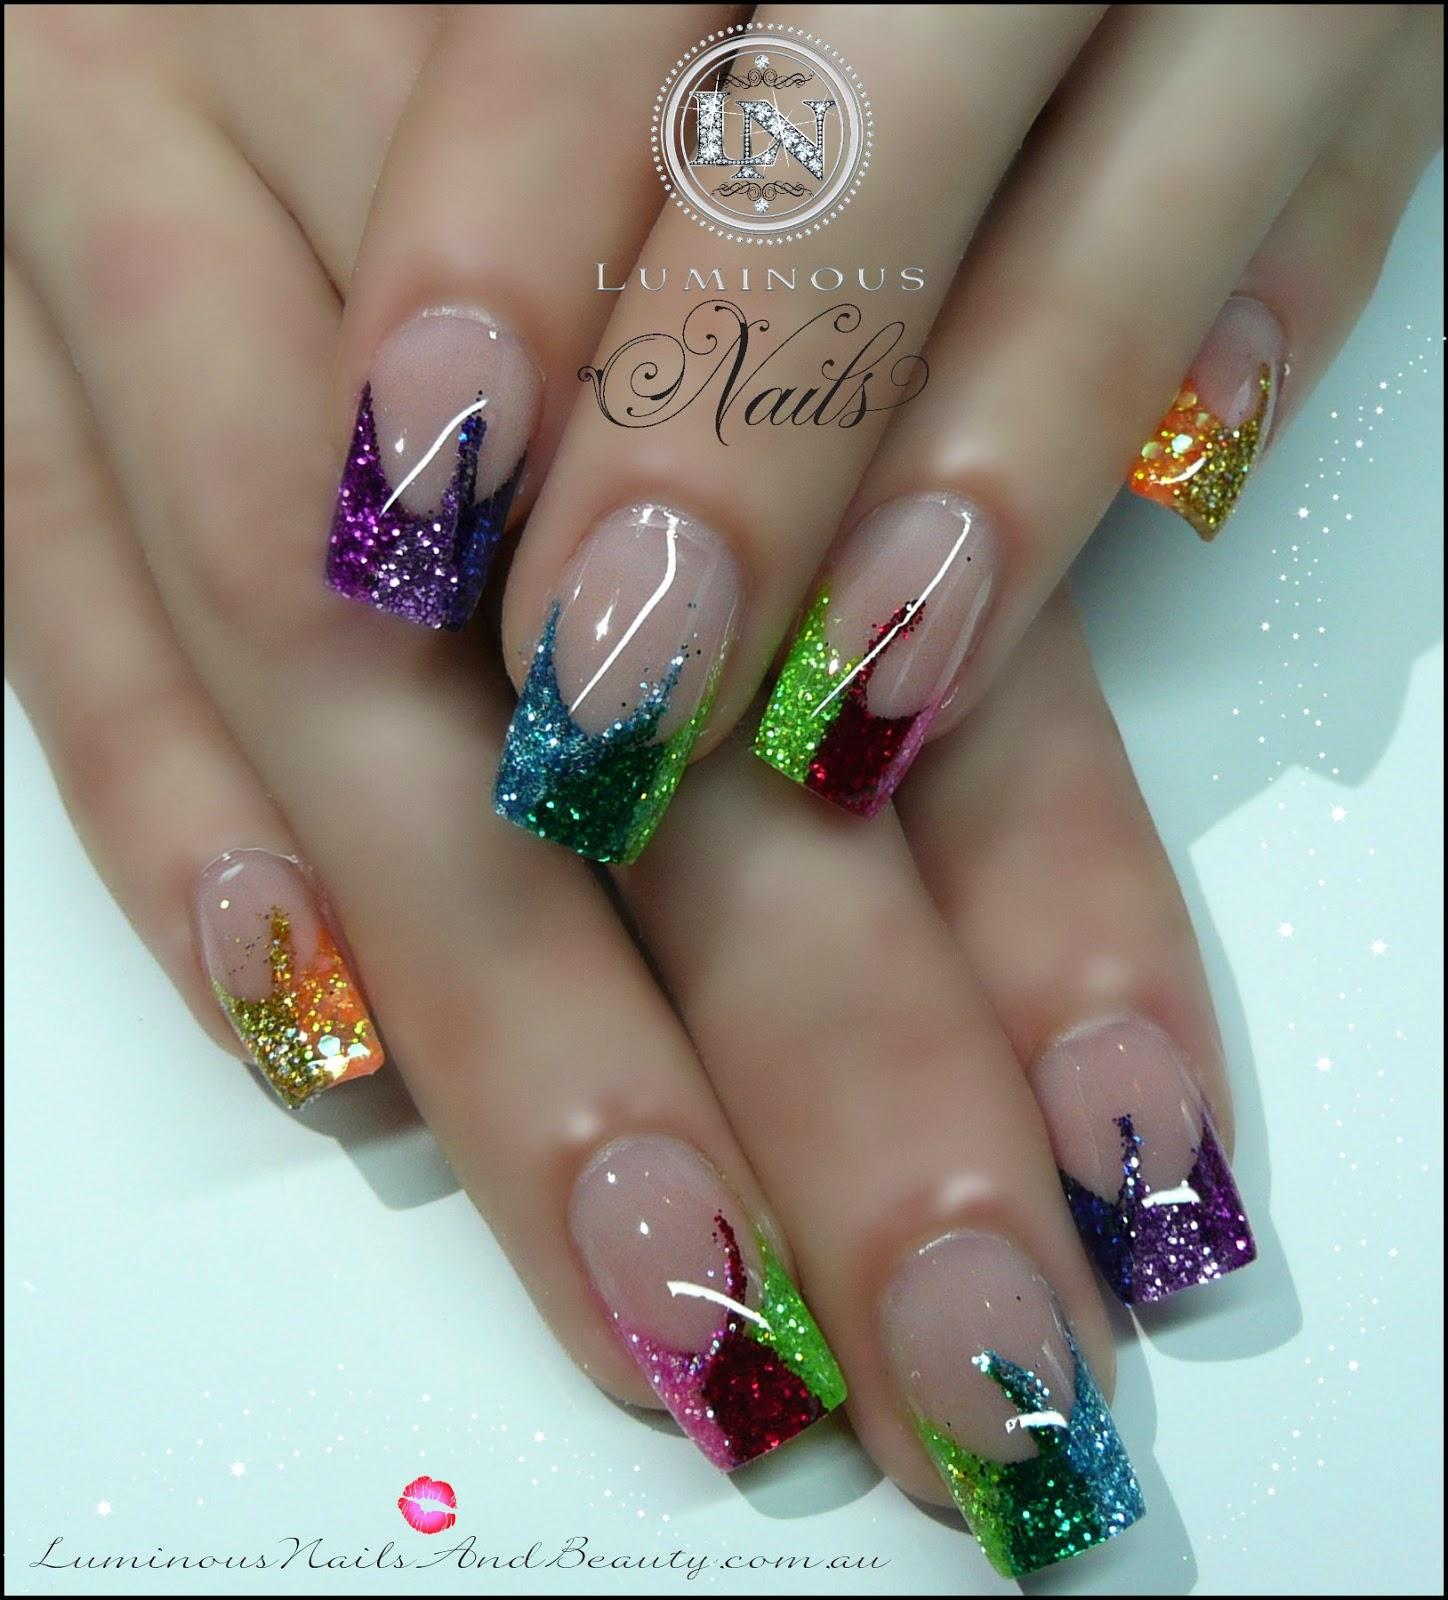 Glitter Nail Art Designs: Luminous Nails: May 2013